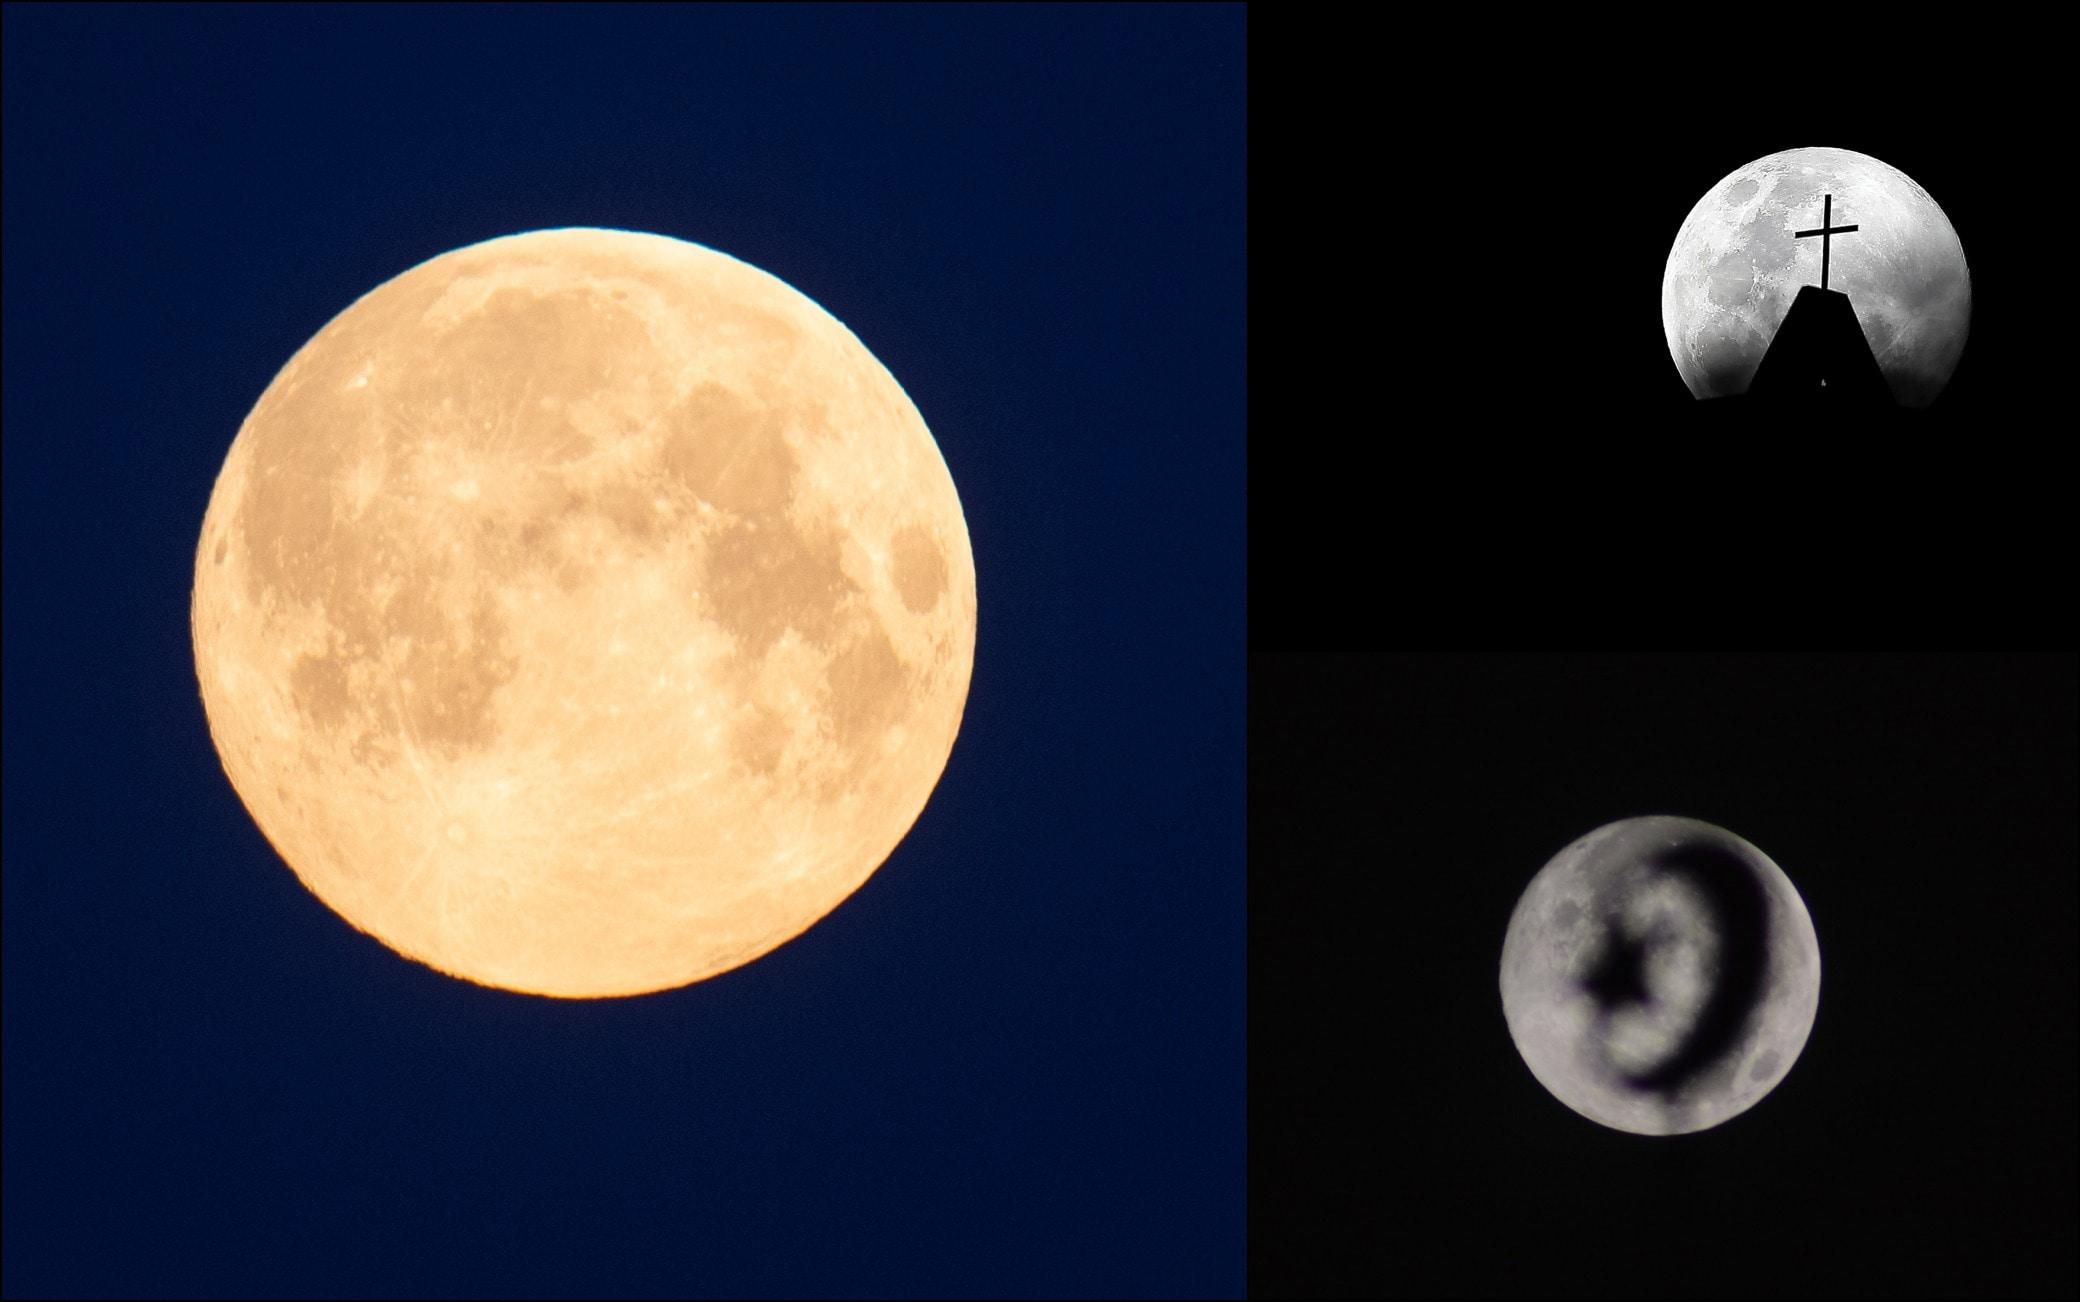 Flipboard: La super Luna piena di maggio 2020. FOTO